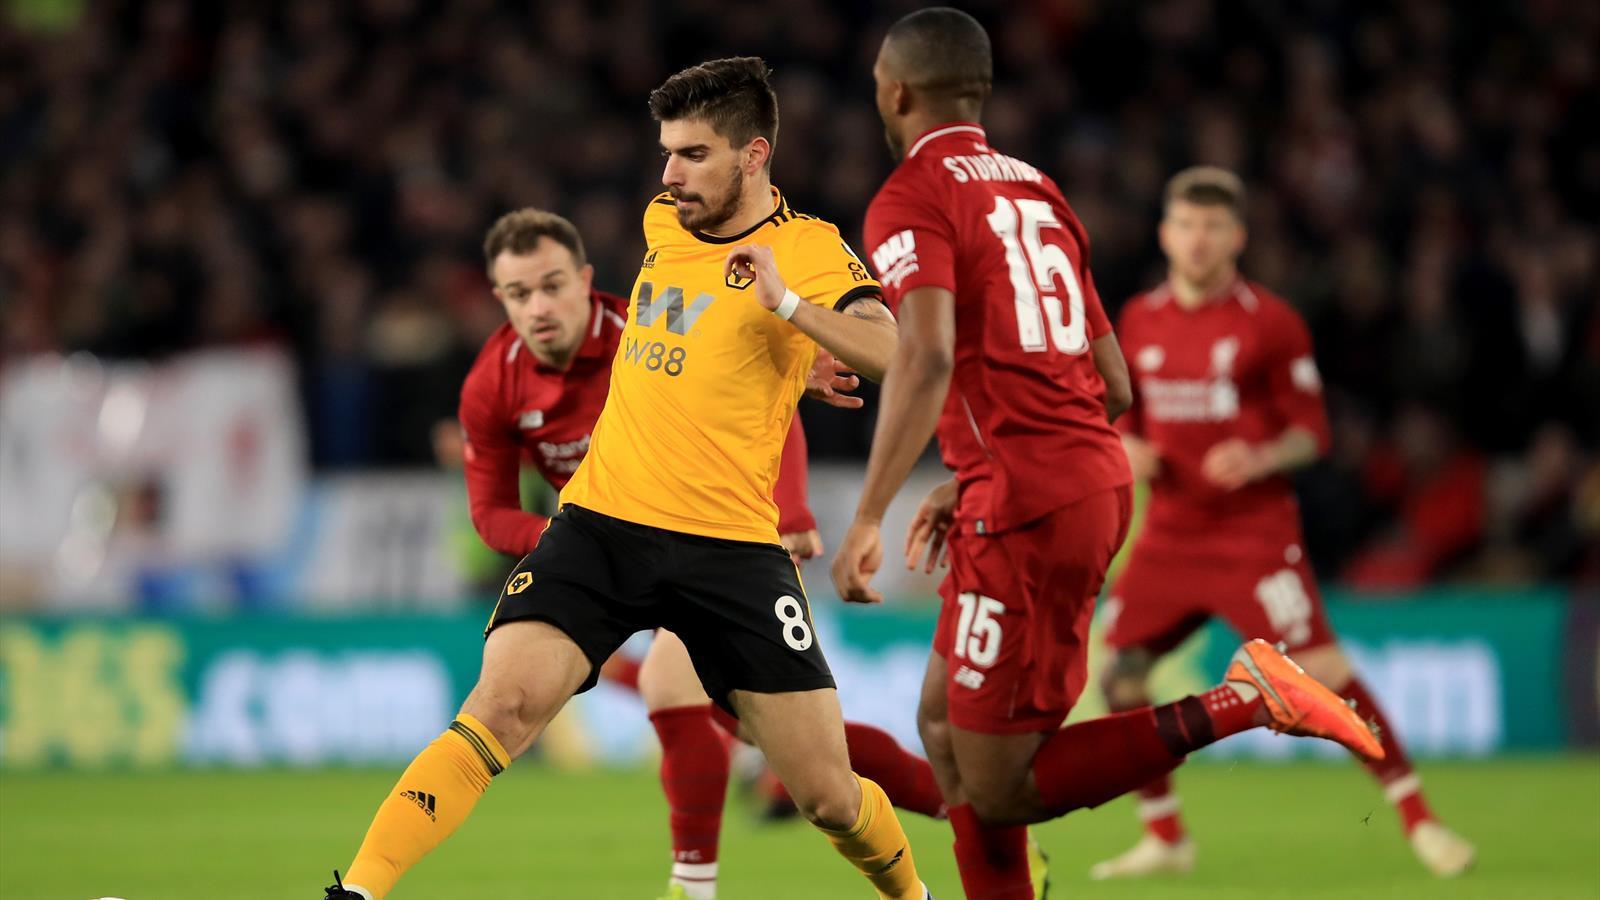 Хендерсон с «Ливерпулем» показывают «Сити», как побеждать «волков»